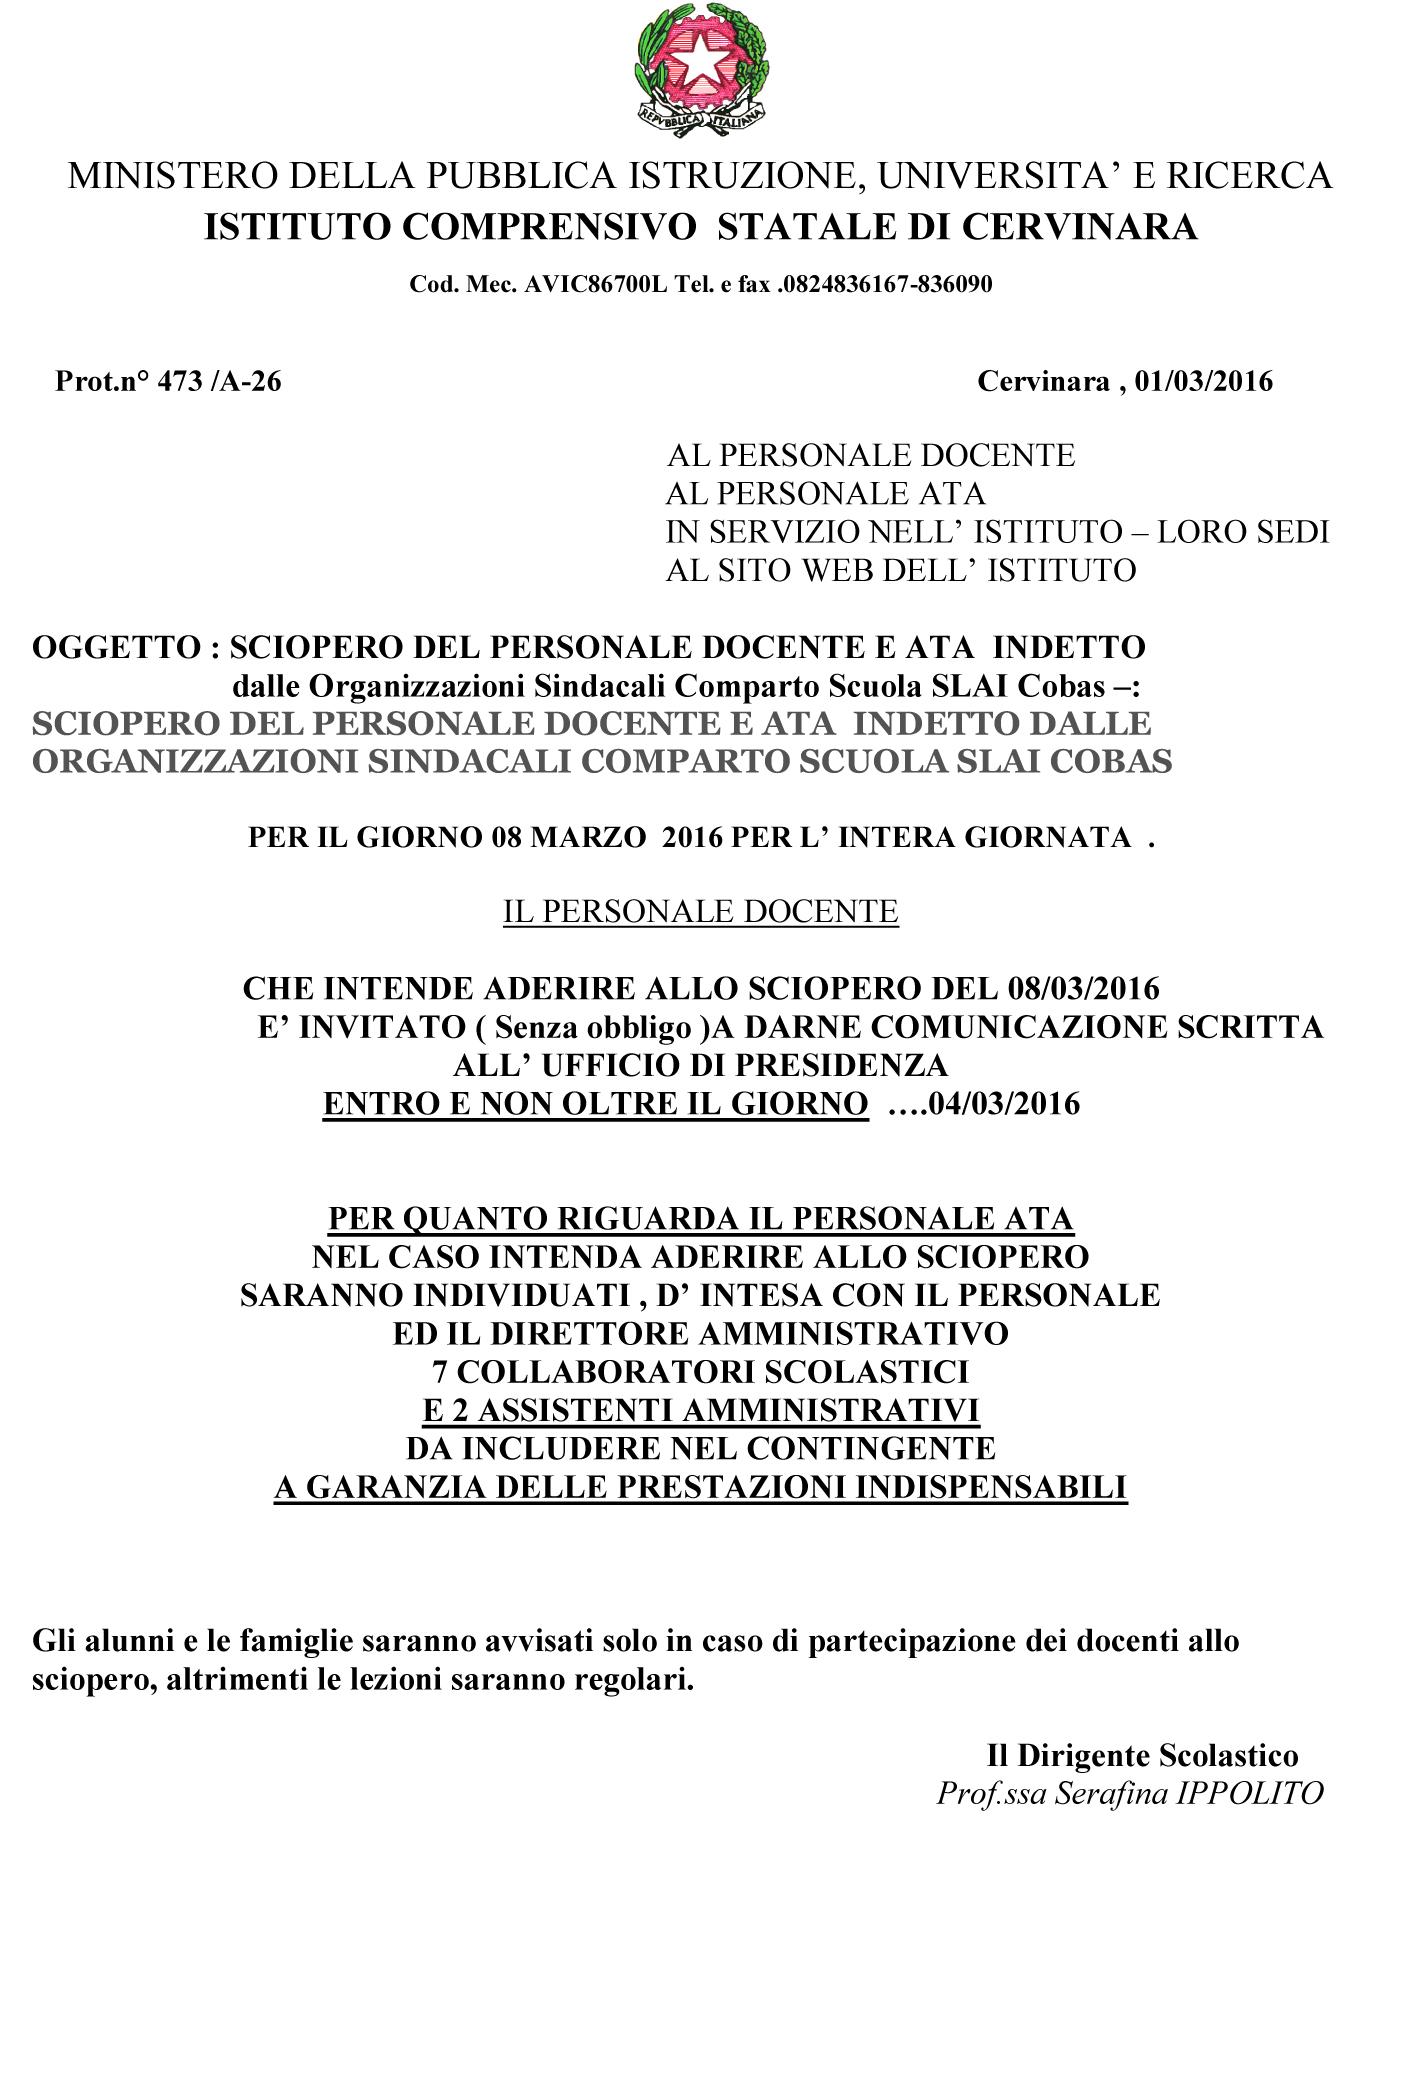 Istituto Comprensivo Cervinara/Avviso sciopero 8 marzo 2016